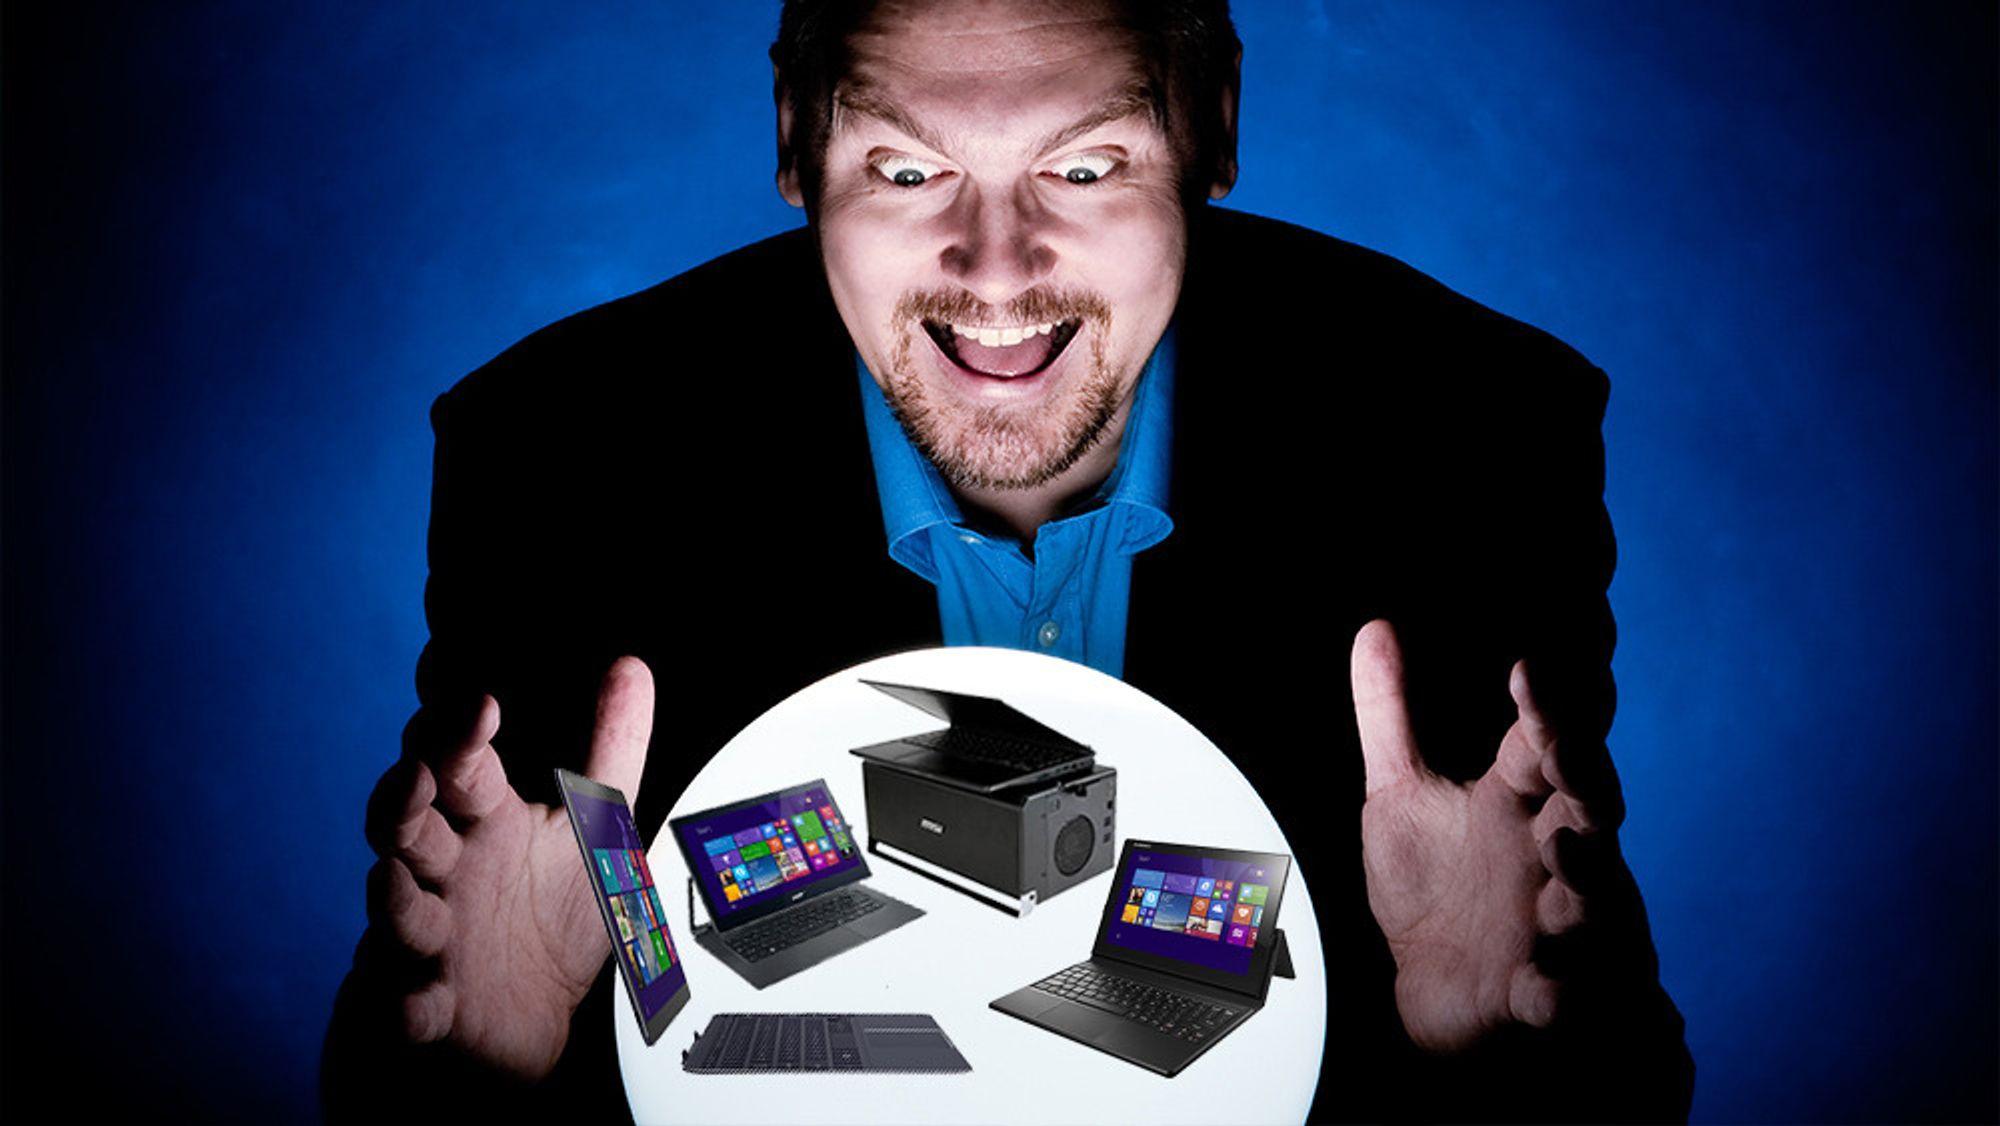 Vi har skuet inn i krystallkulen og sett fremtidens bærbare PC-er. Den første ankommer allerede denne måneden.